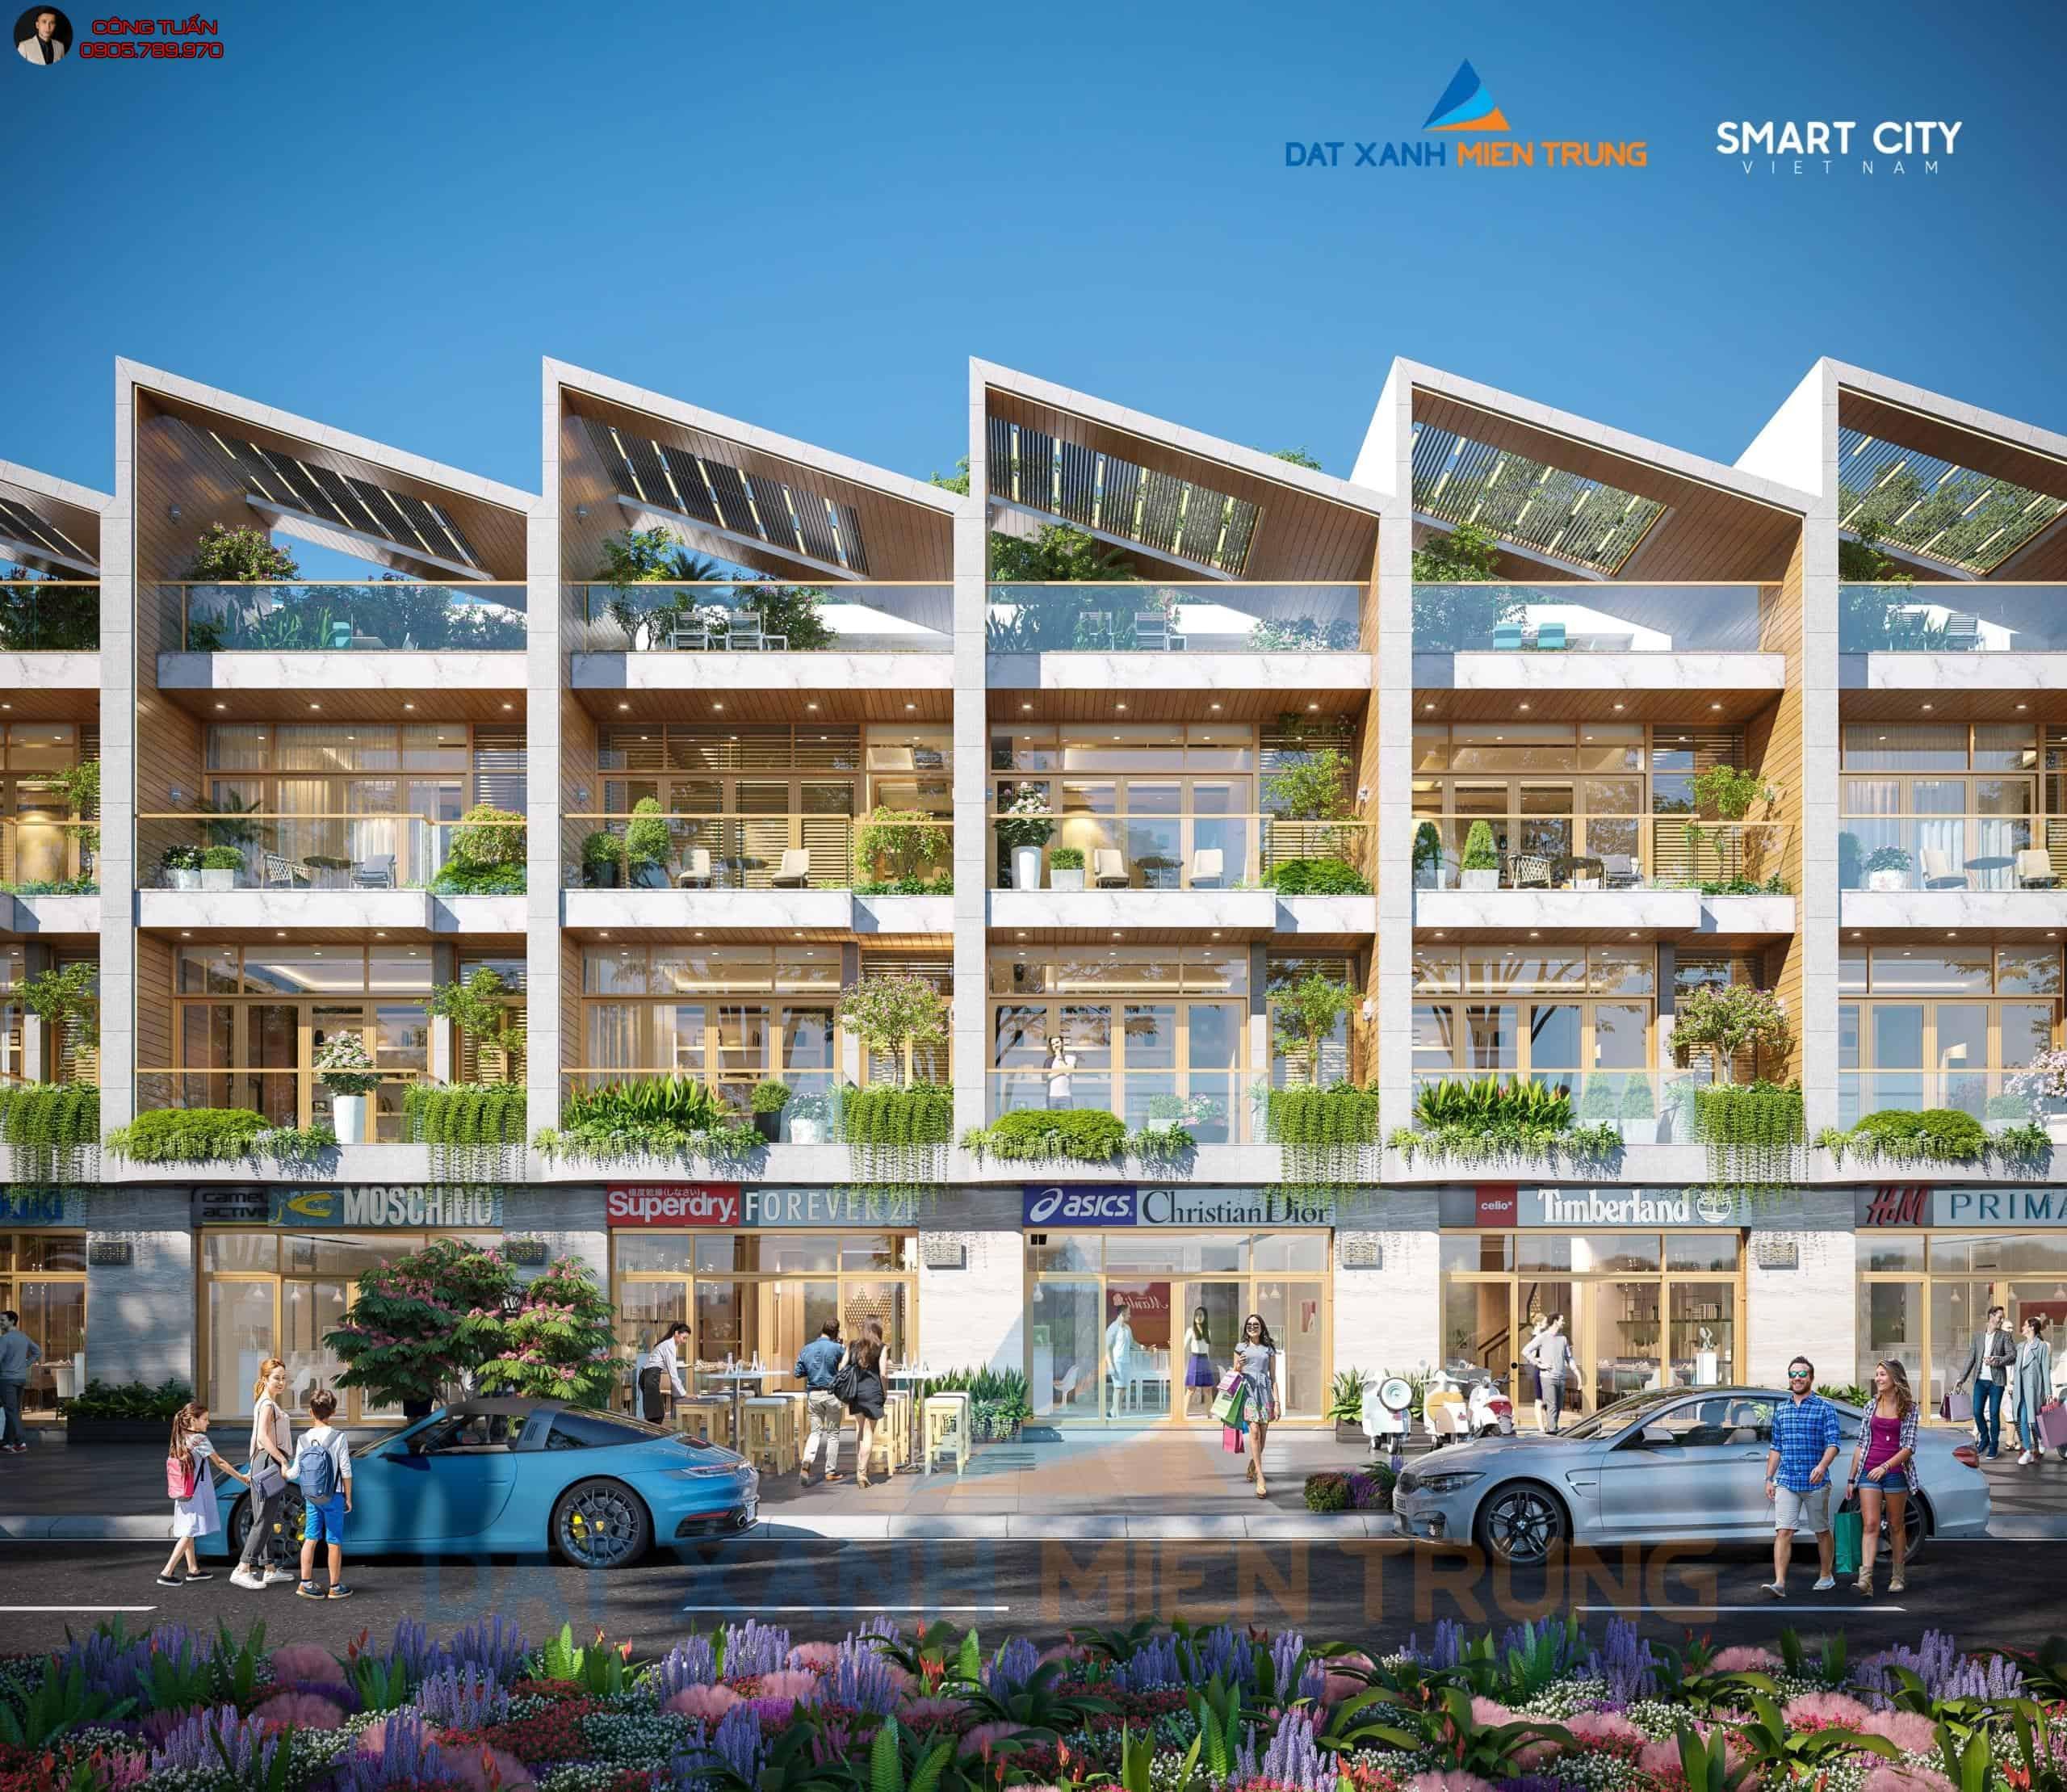 Chỉ 10.2 tỷ sở hữu ngay nhà 2 mặt tiền view sông Hàn cực đẳng cấp tại trung tâm Đà Nẵng